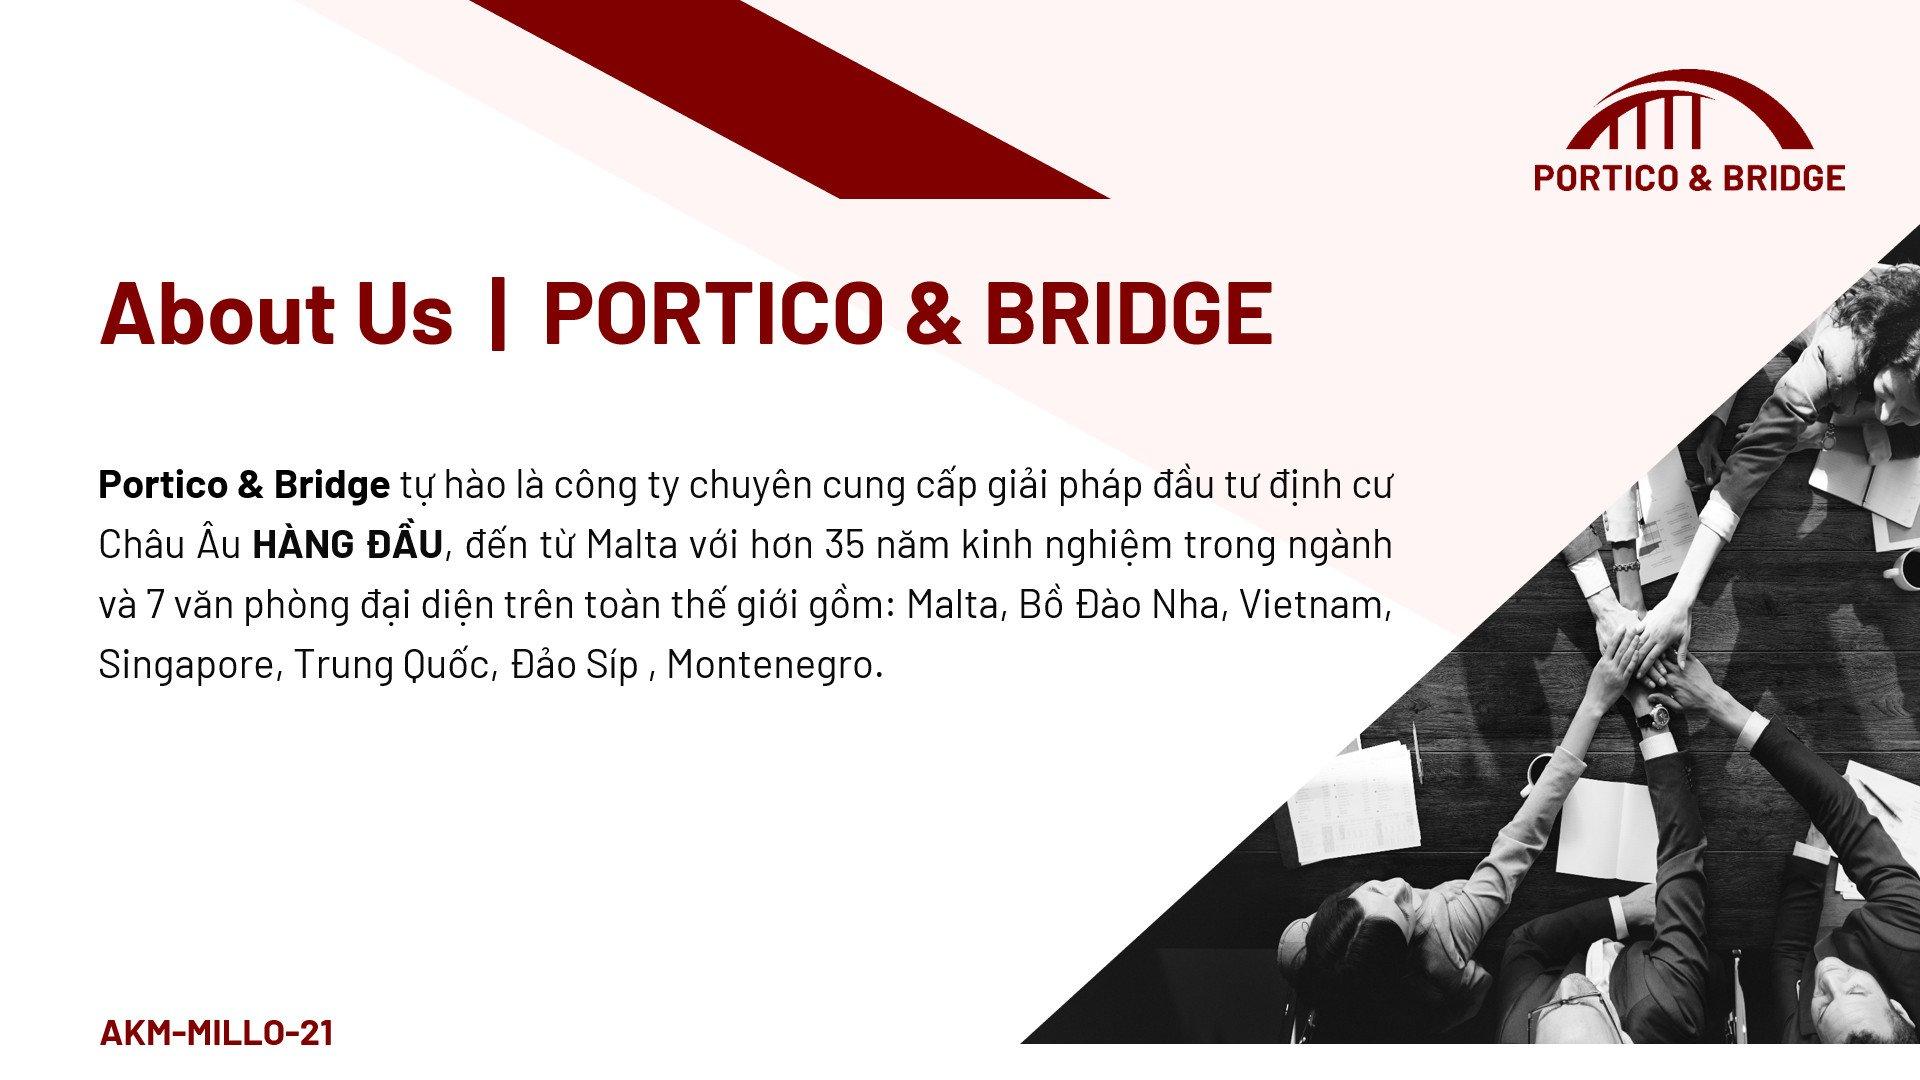 Portico & Bridge - công ty định cư di trú hàng đầu Châu Âu